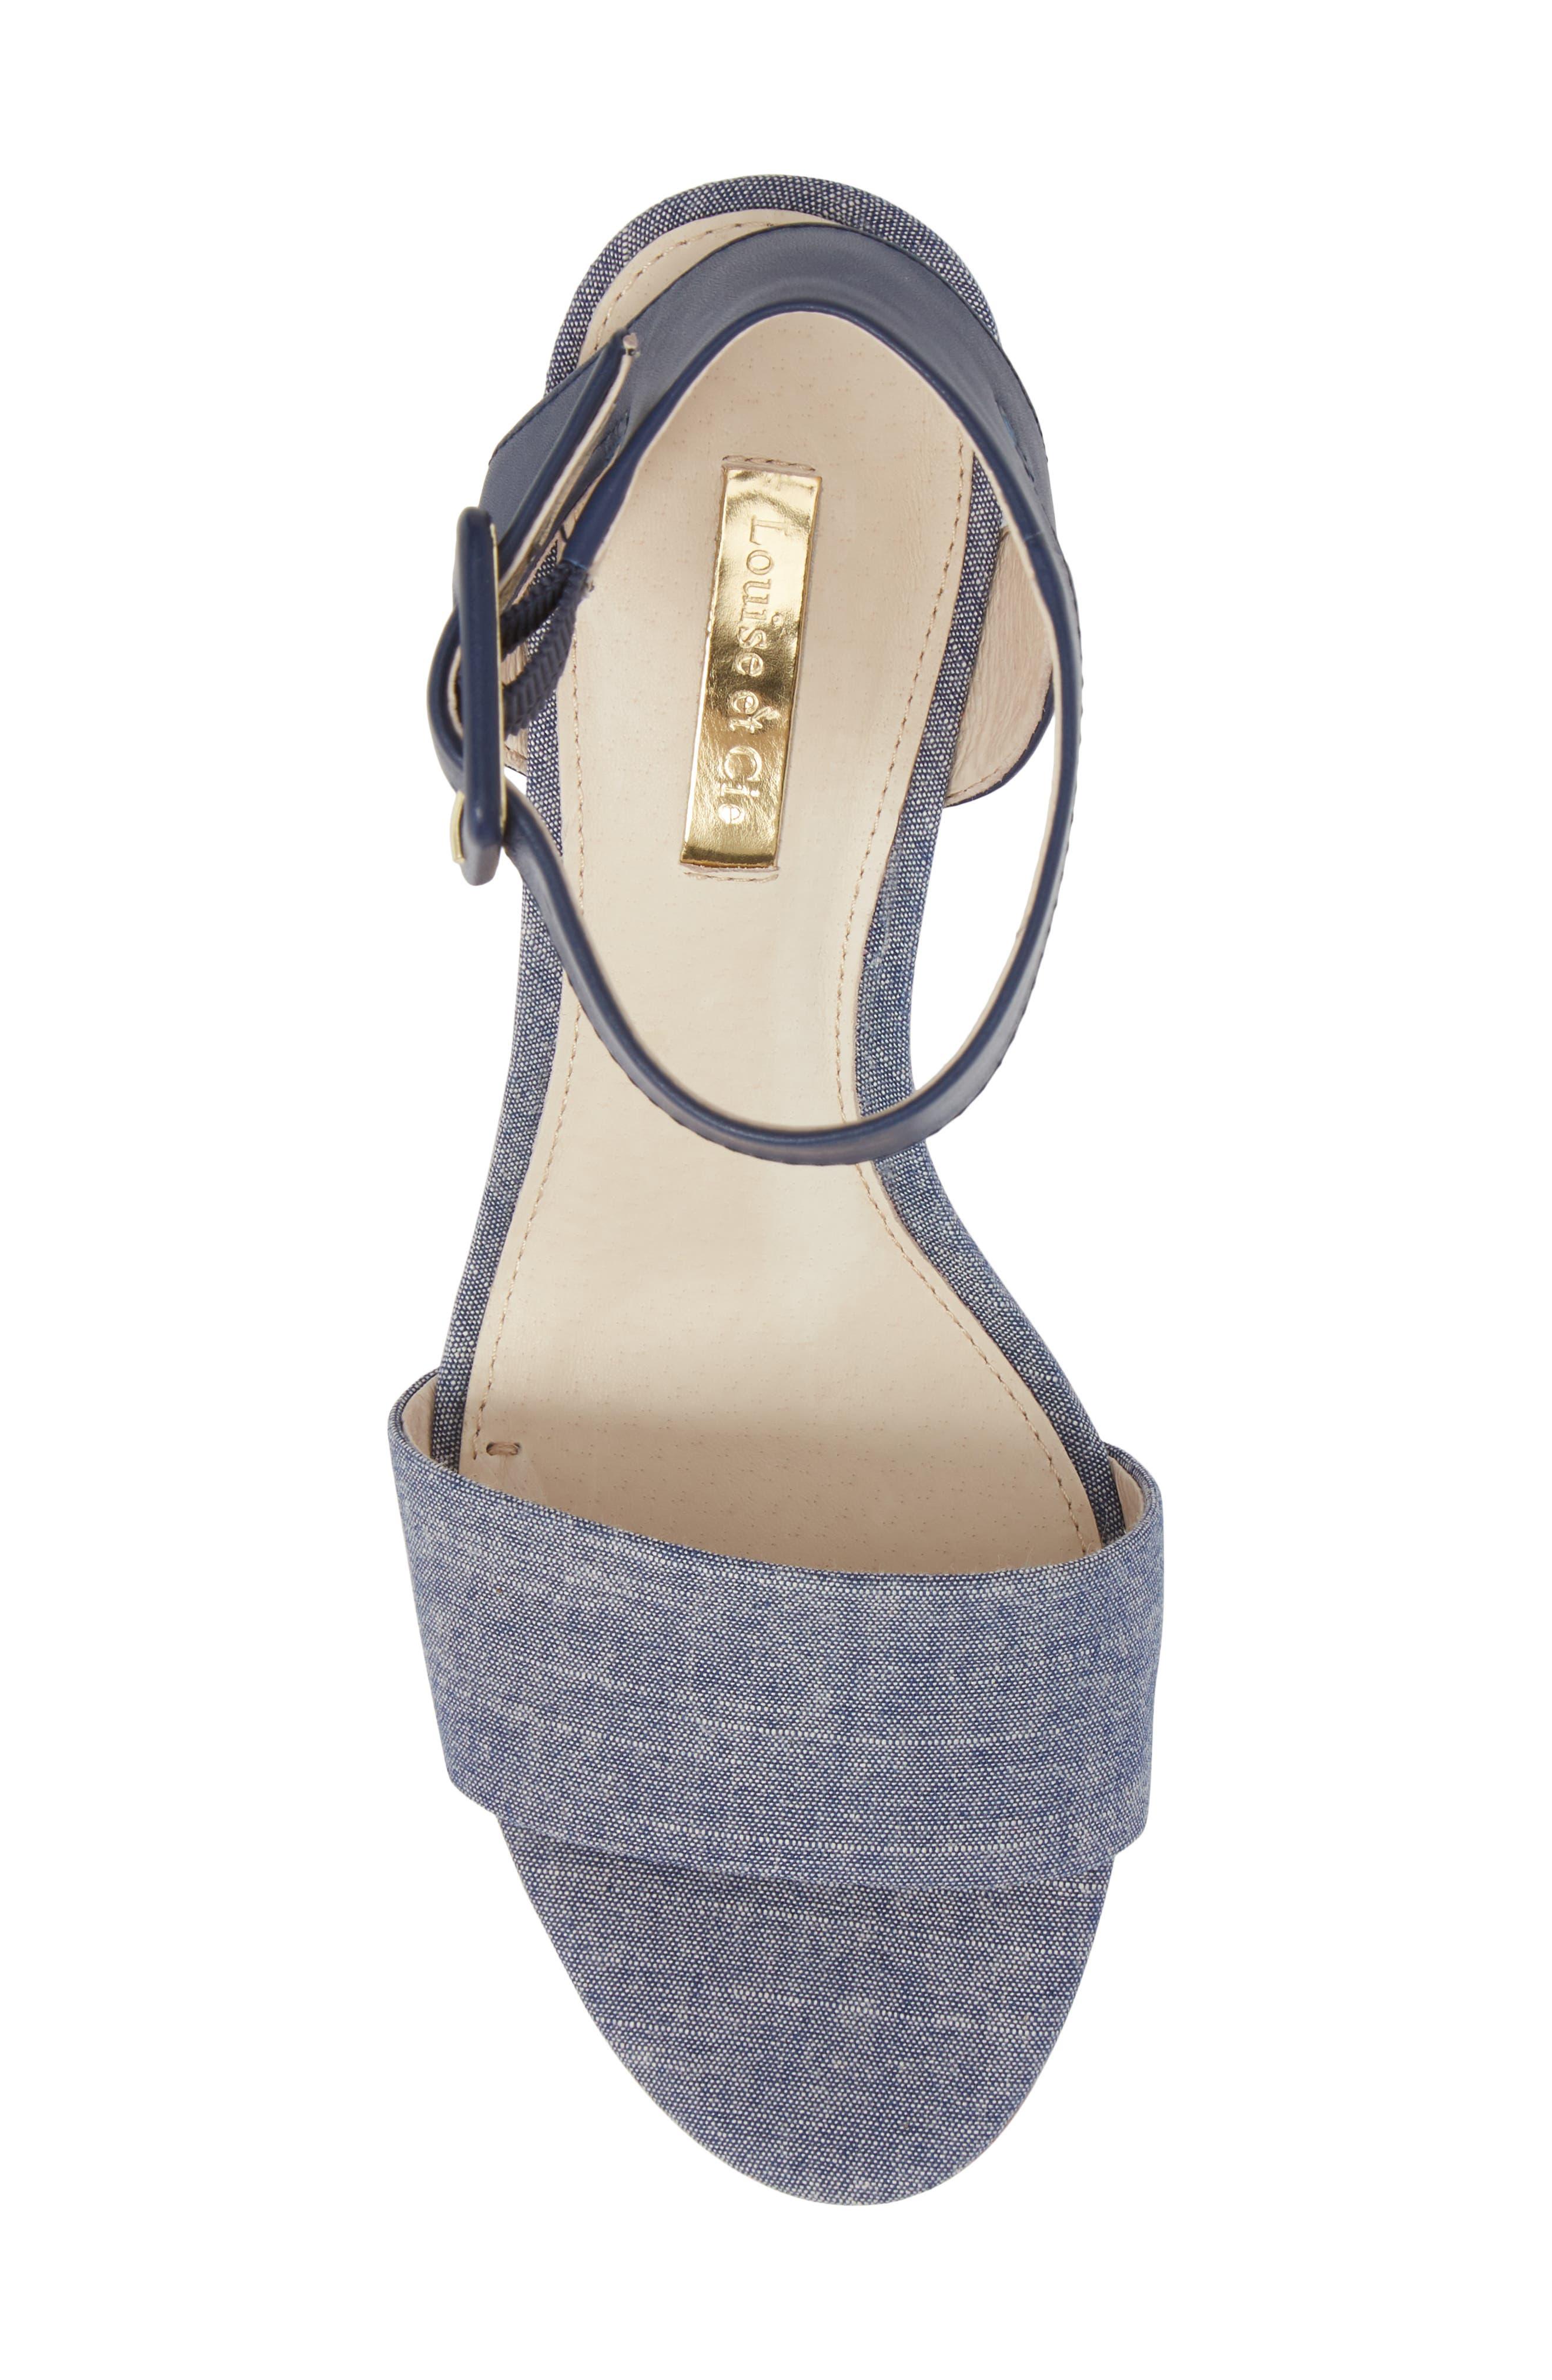 Punya Wedge Sandal,                             Alternate thumbnail 5, color,                             Denim Fabric